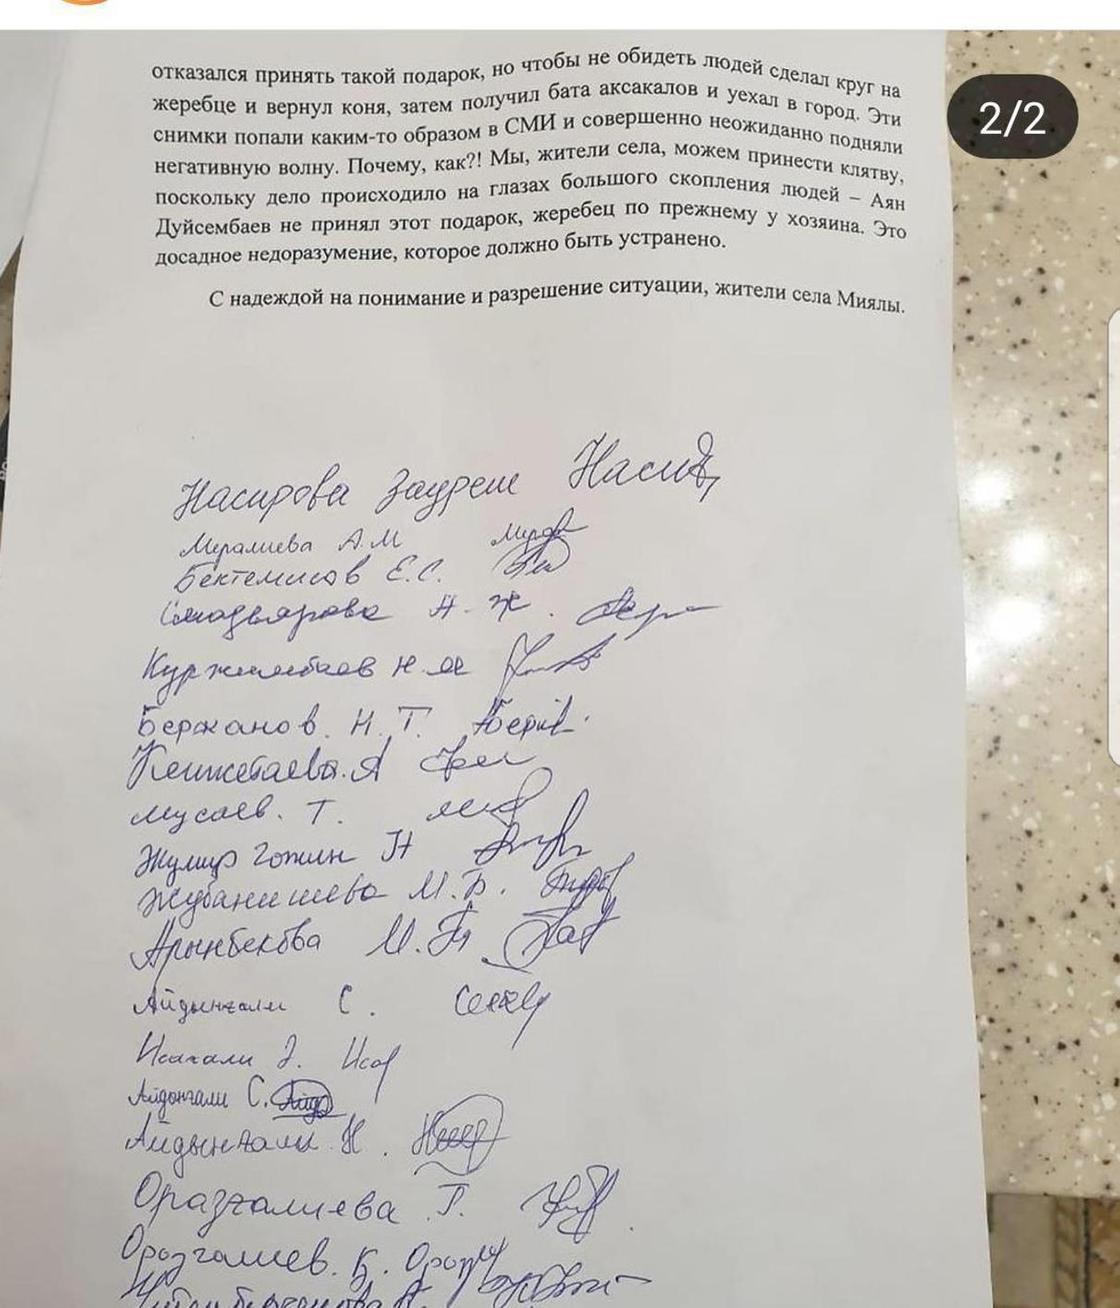 """""""Сыйлықты қабылдамаған"""": Атырай облысының полиция департаментінің басшысын жақтаған петиция пайда болды"""